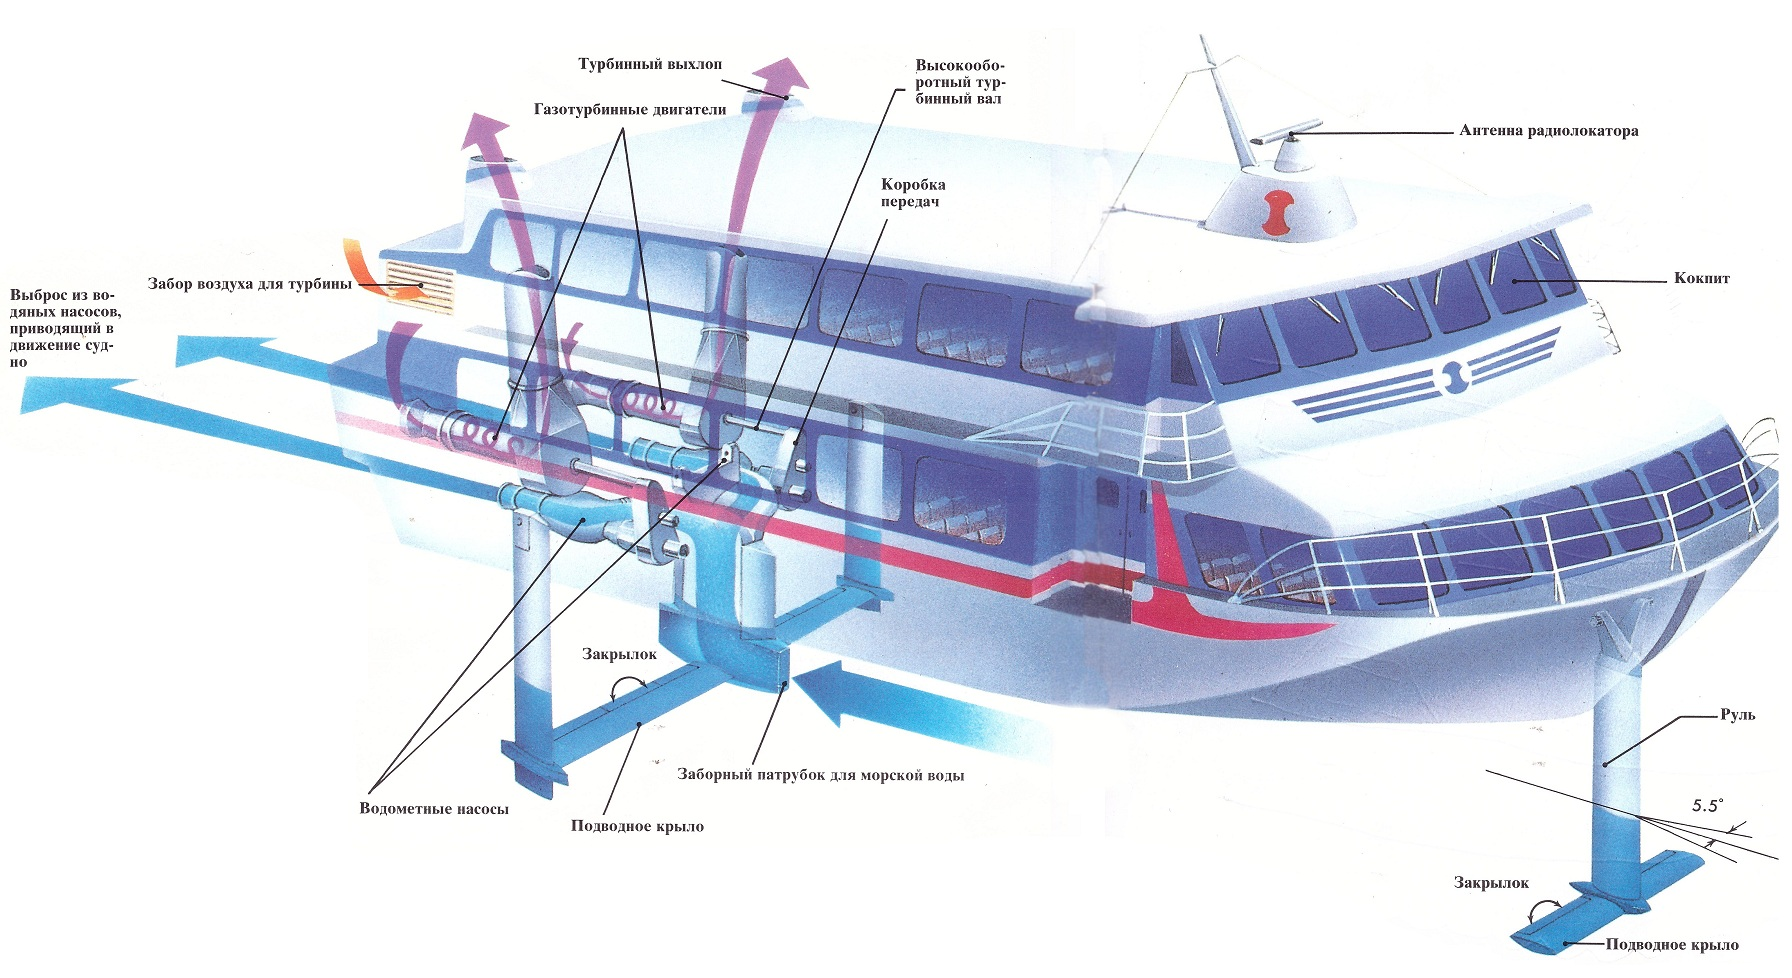 Генератор подводный турбинный расширяет